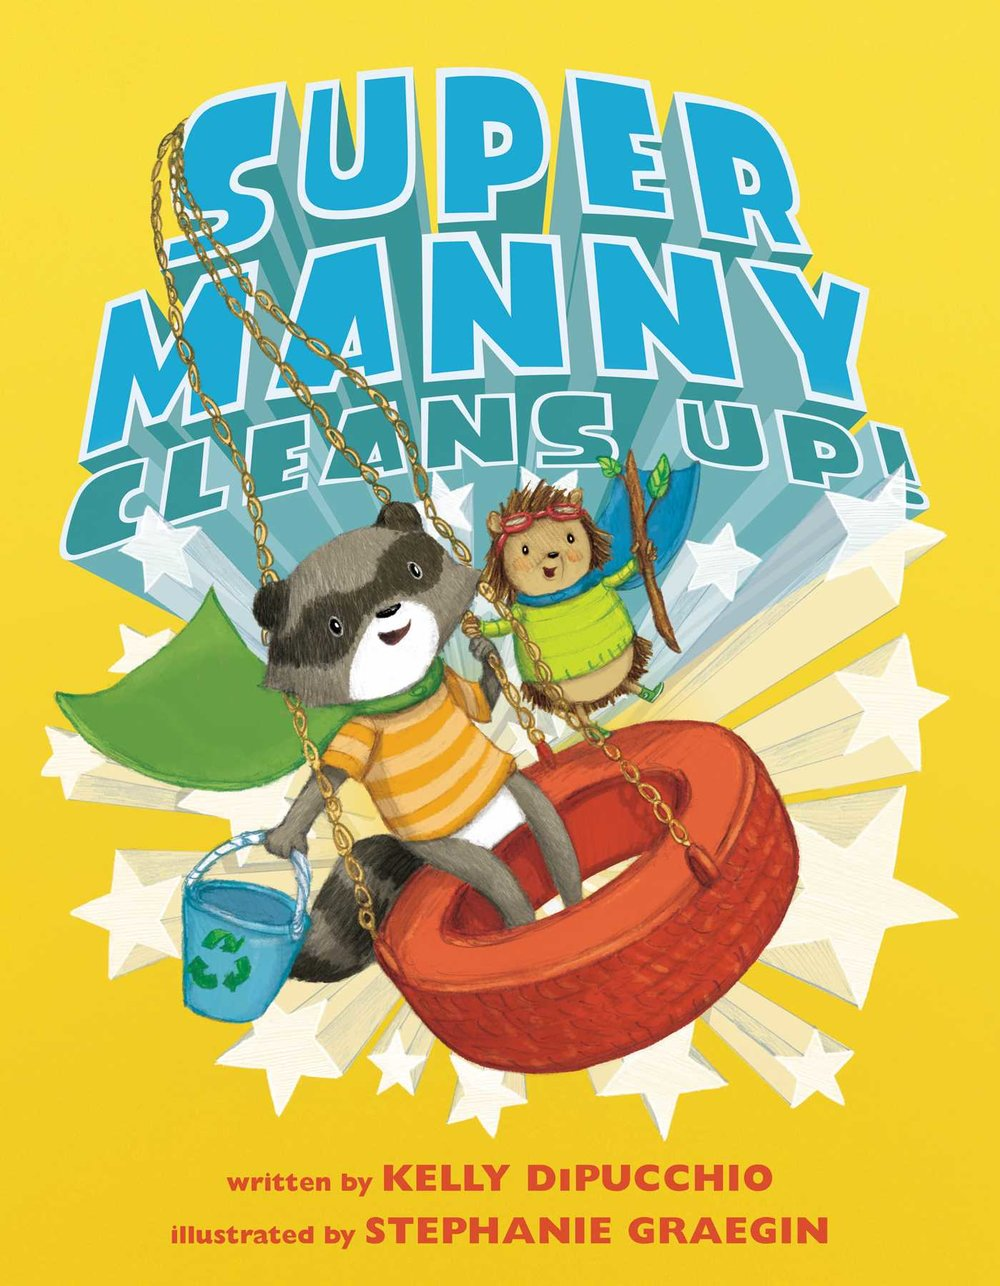 super-manny-cleans-up-9781481459624_hr.jpg